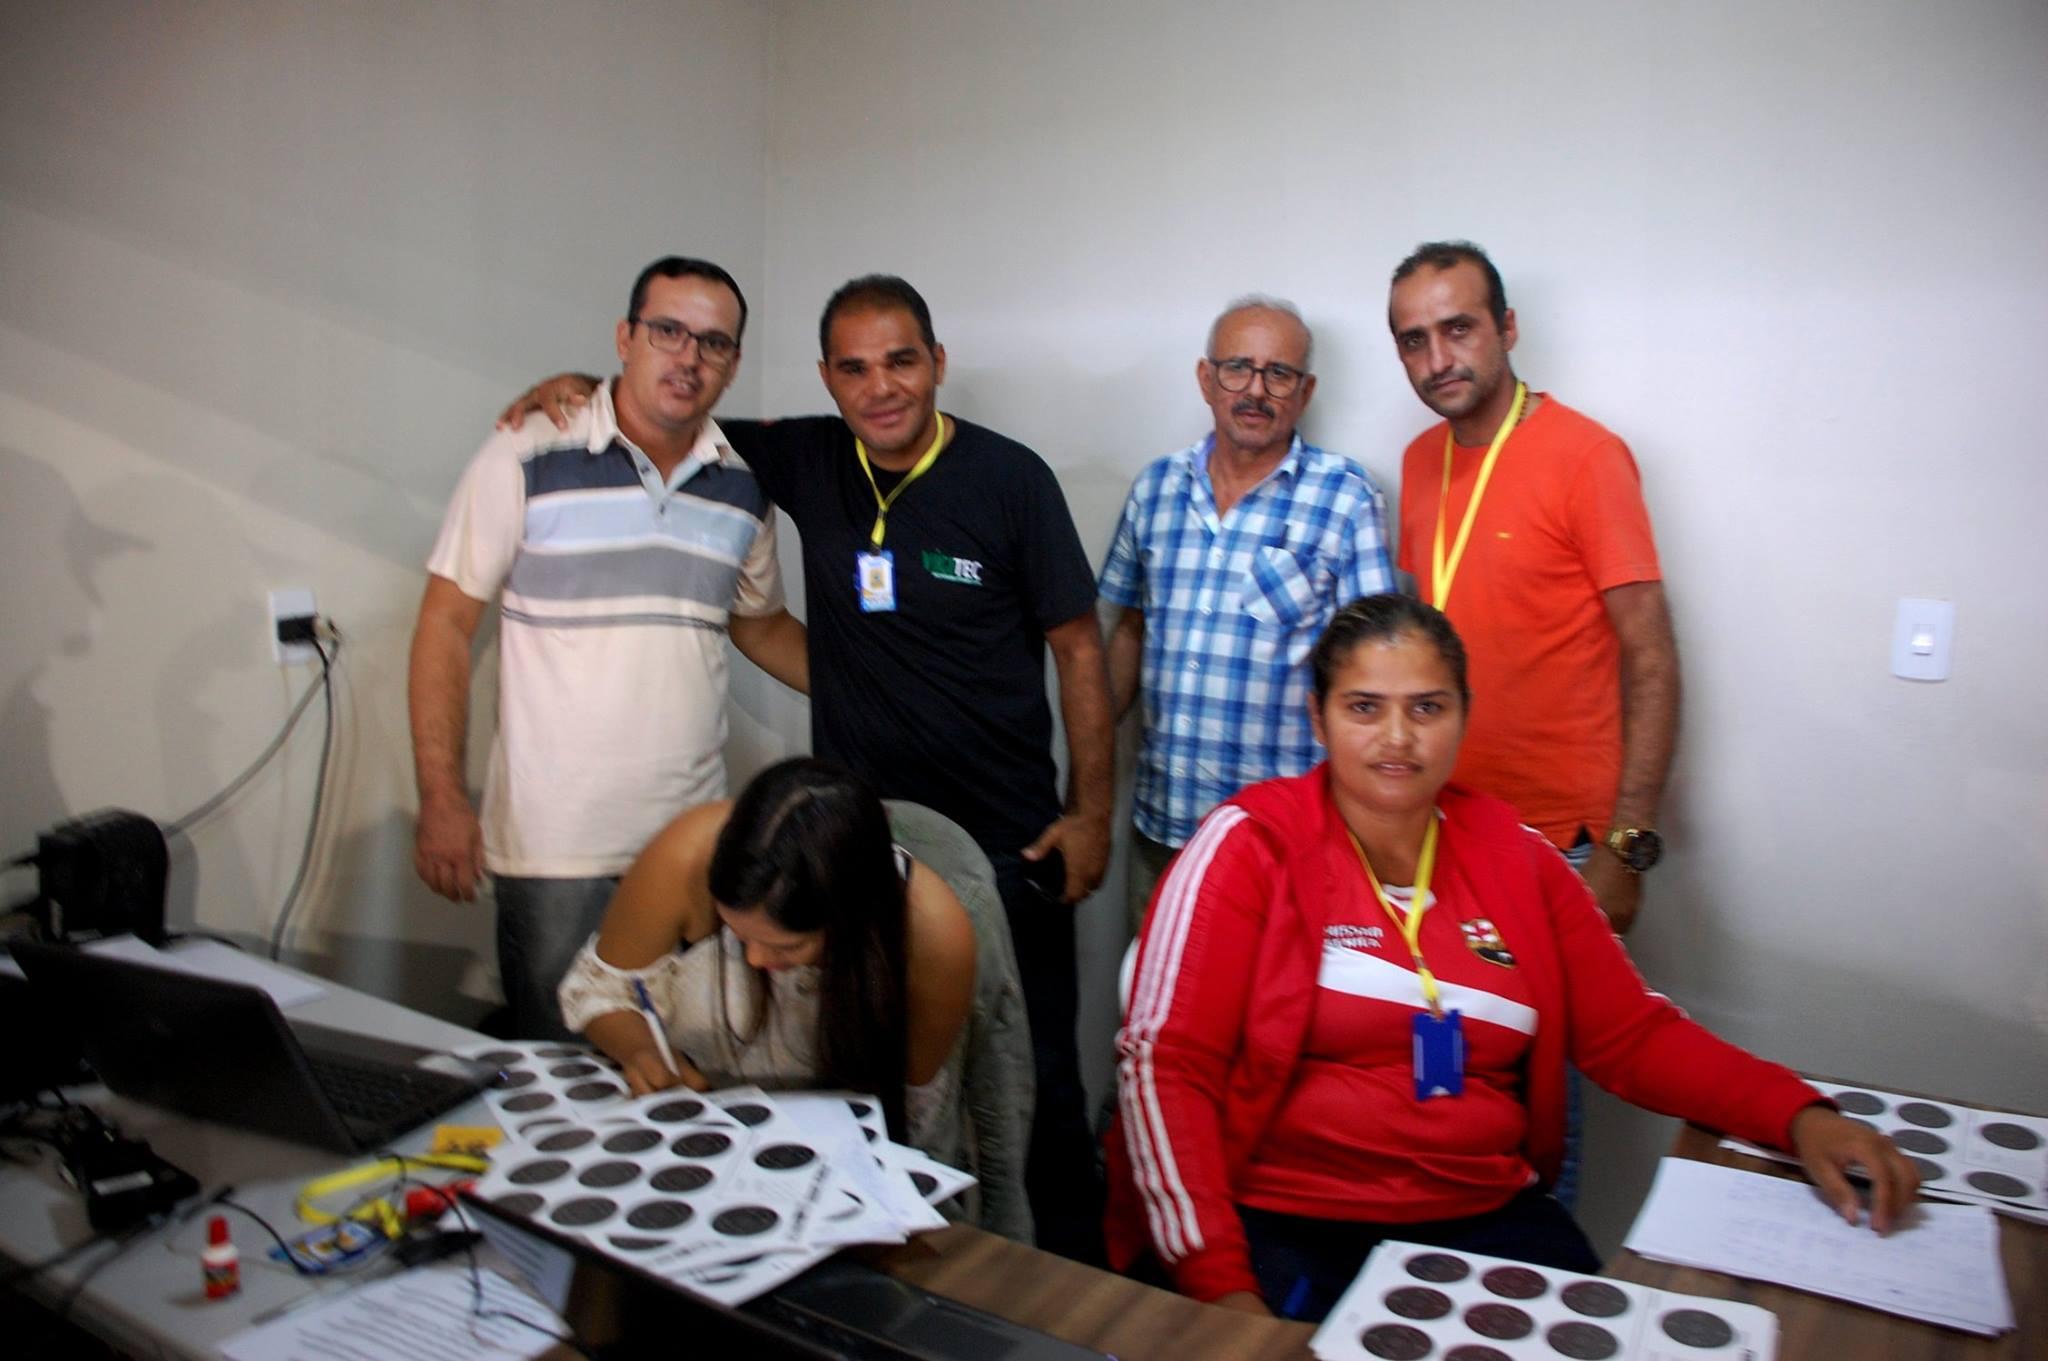 18699681_1889325008007356_6172431740490745368_o-300x199 Participantes comemoram o sucesso do Torneio de Tiro Esportivo de Monteiro